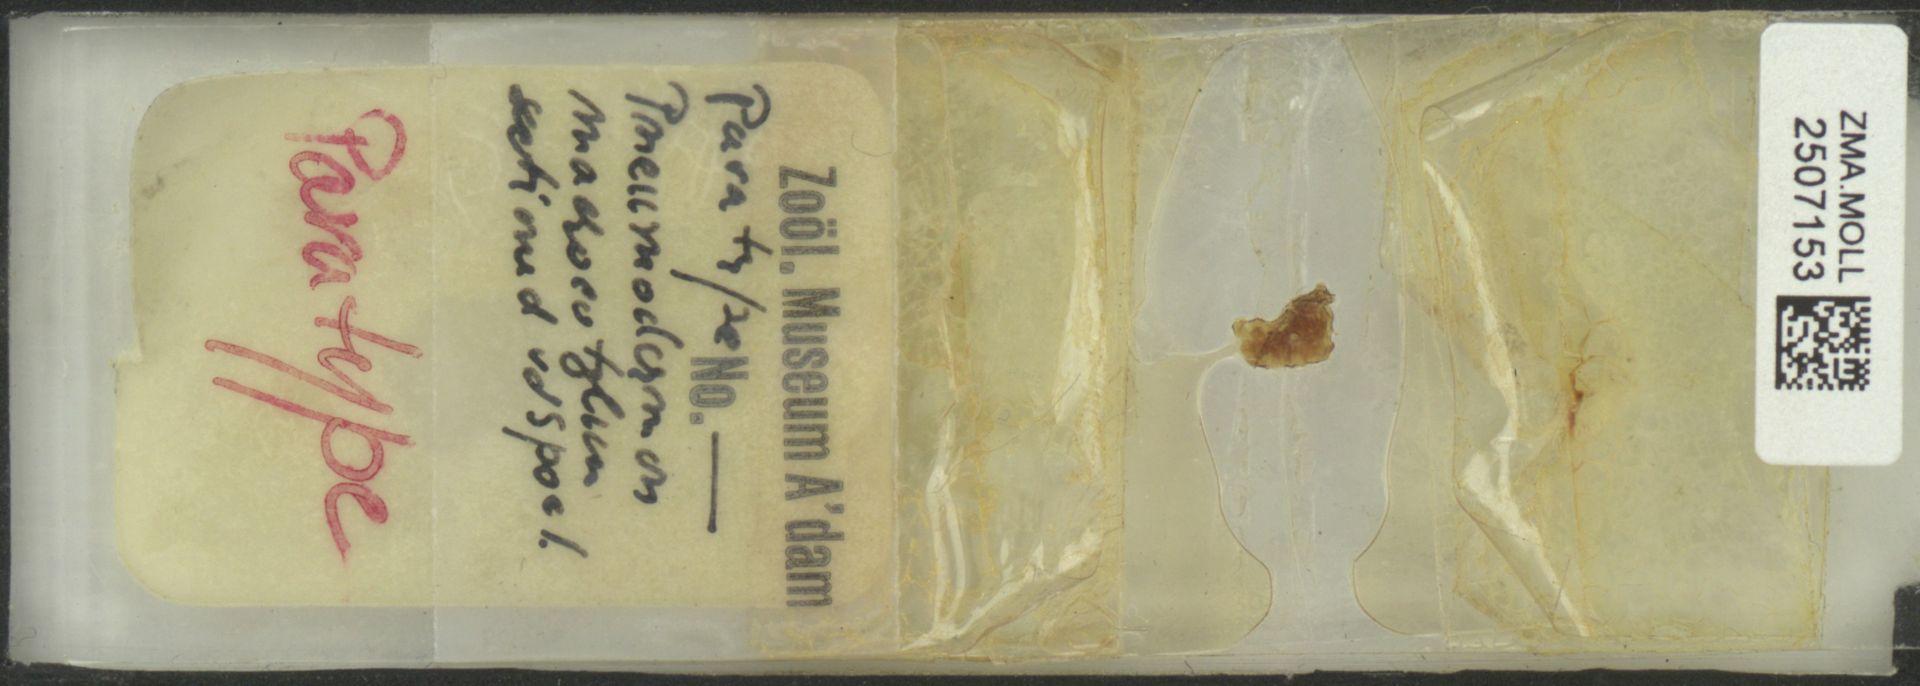 ZMA.MOLL.2507153 | Pneumoderma mediterraneum Van Beneden, 1838